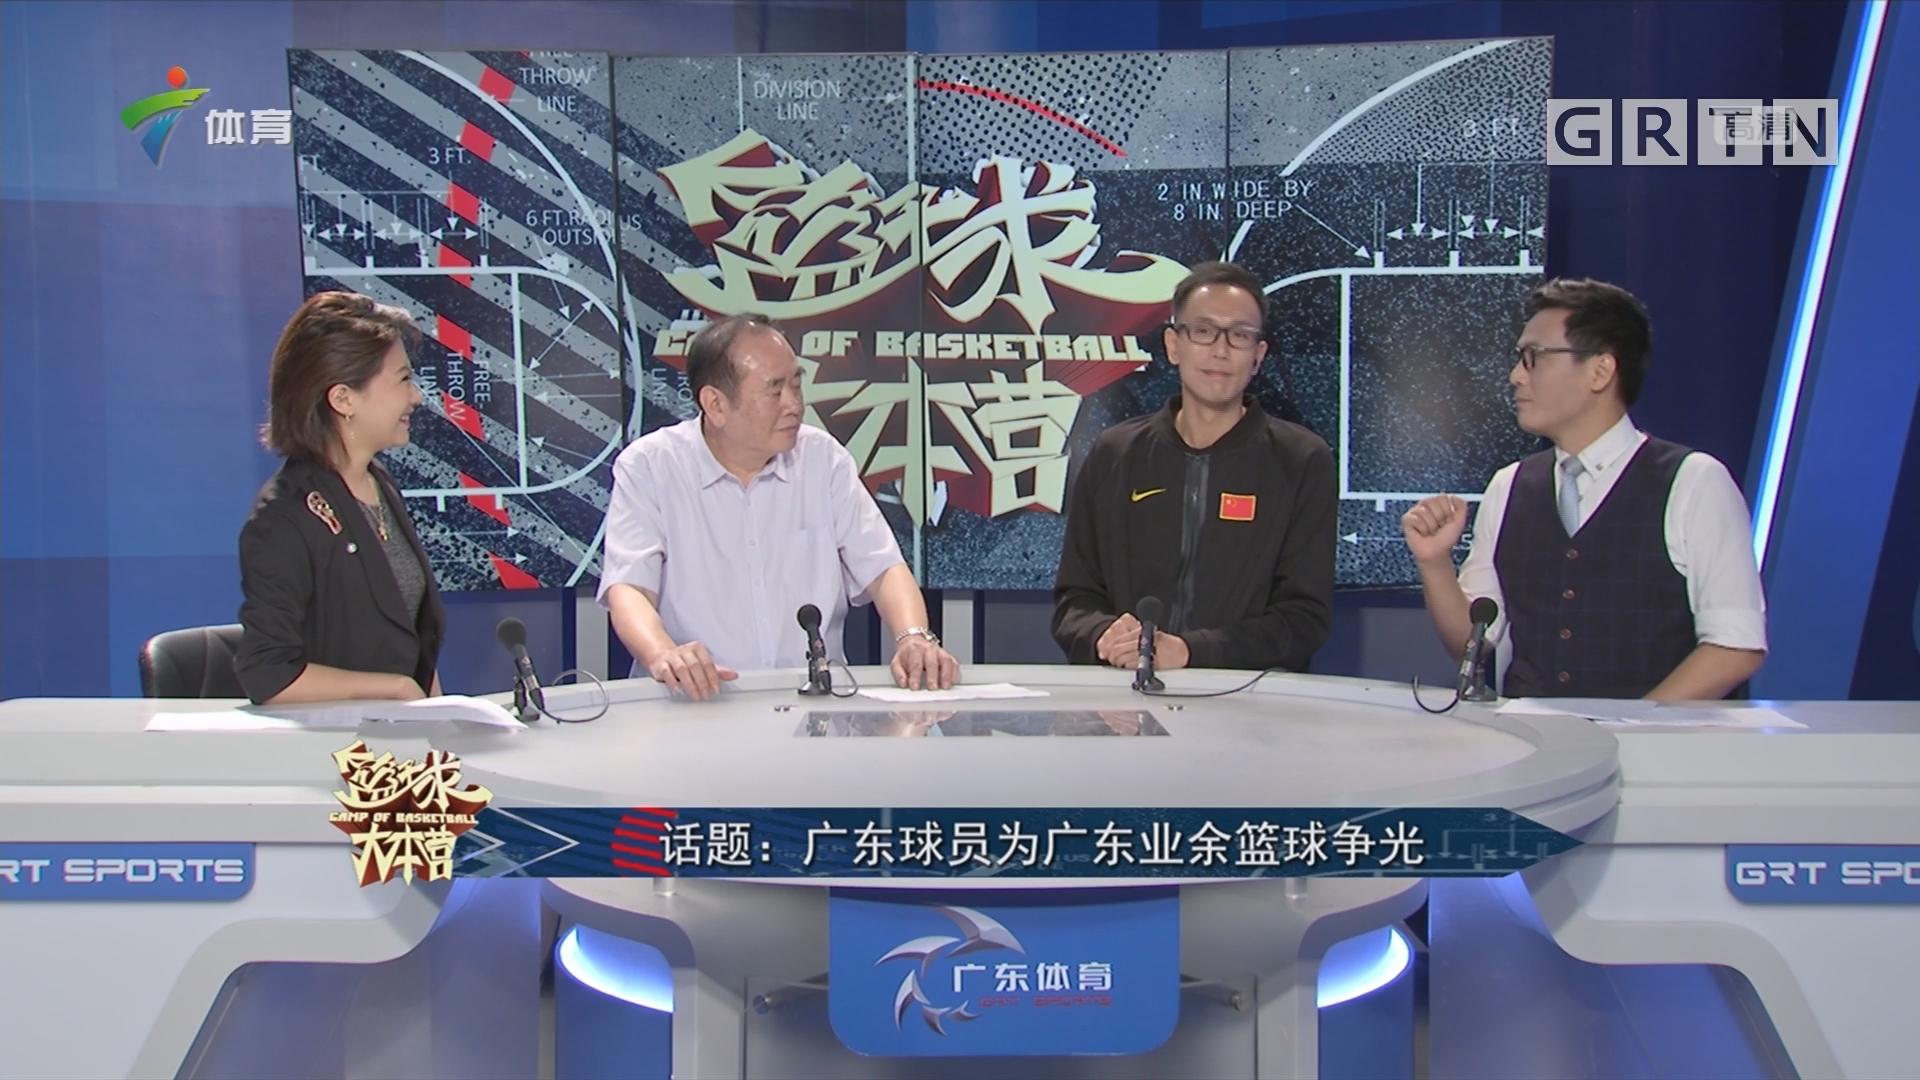 话题:广东球员为广东业余篮球争光